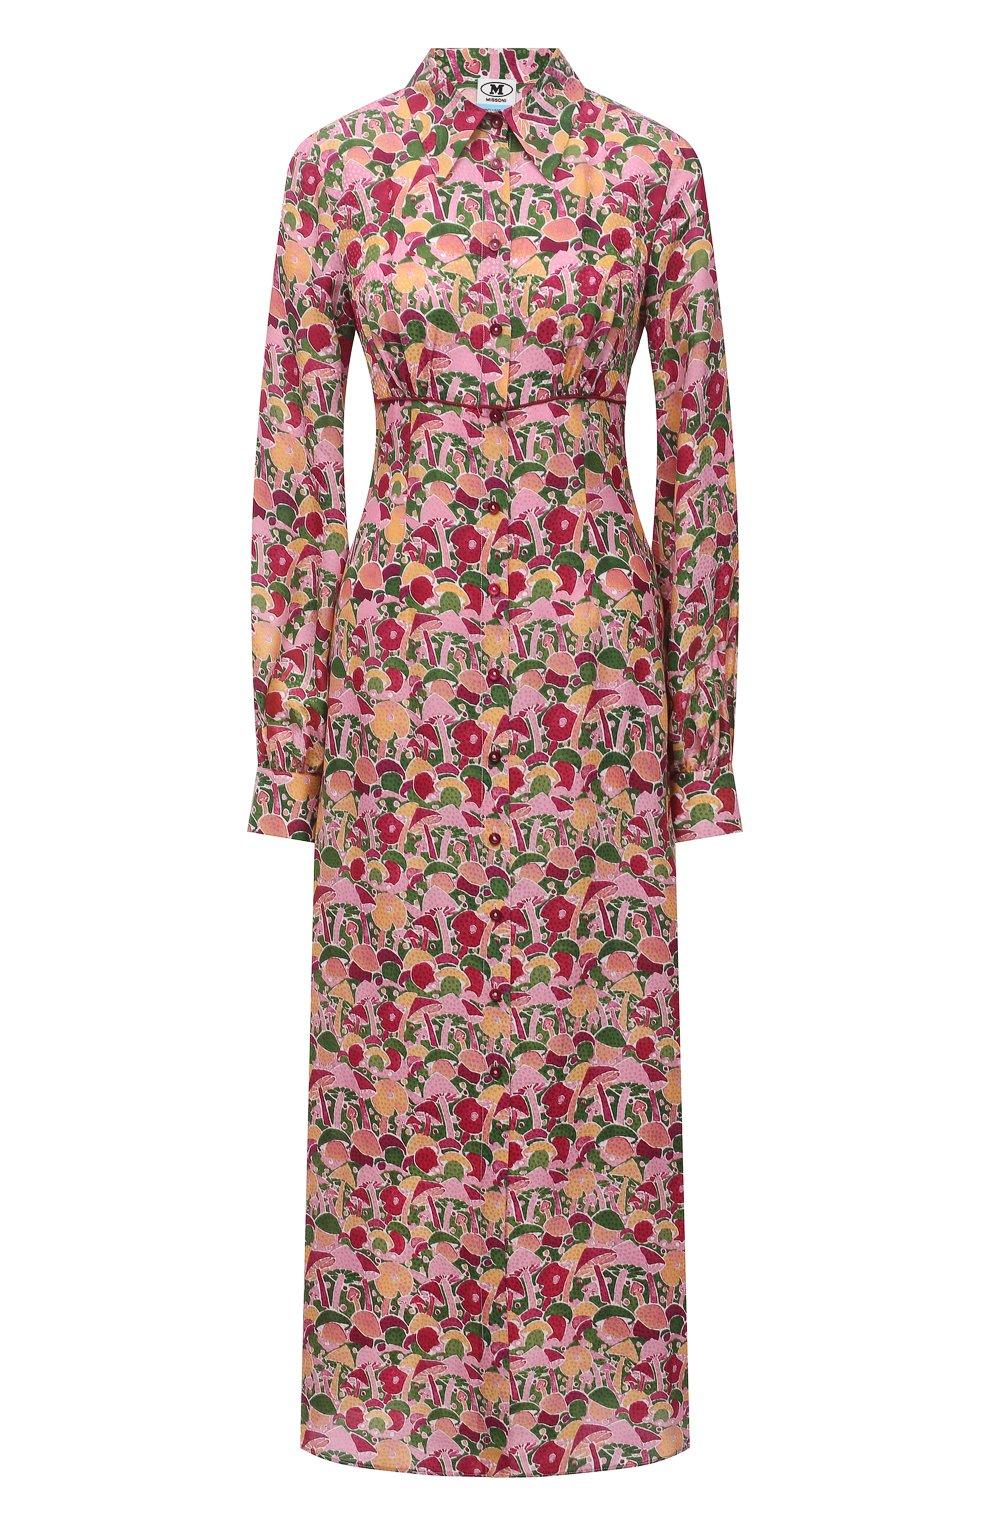 Женское платье из вискозы и шелка M MISSONI разноцветного цвета, арт. 2DG00545/2W0070 | Фото 1 (Женское Кросс-КТ: платье-рубашка, Платье-одежда; Материал внешний: Шелк, Вискоза; Рукава: Длинные; Случай: Повседневный; Длина Ж (юбки, платья, шорты): Миди; Стили: Бохо)